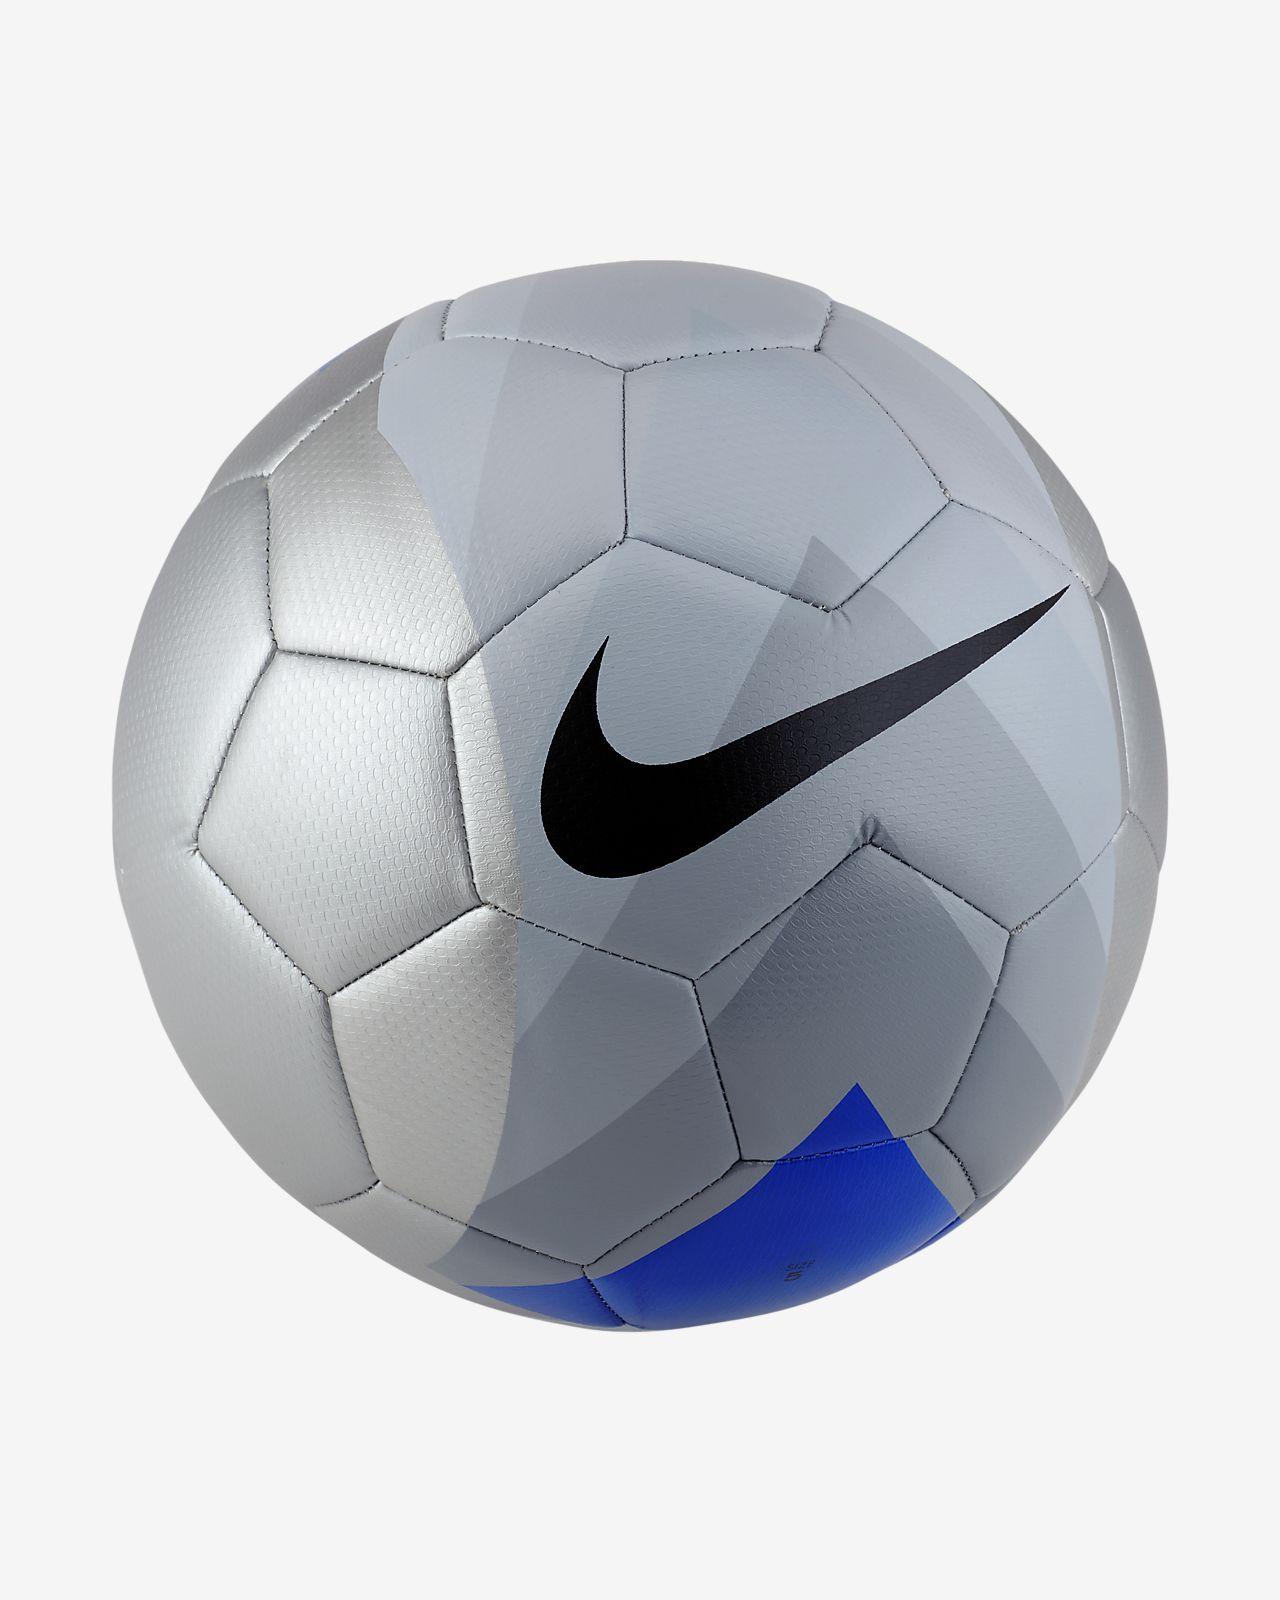 NikeFootballX Strike Fußball